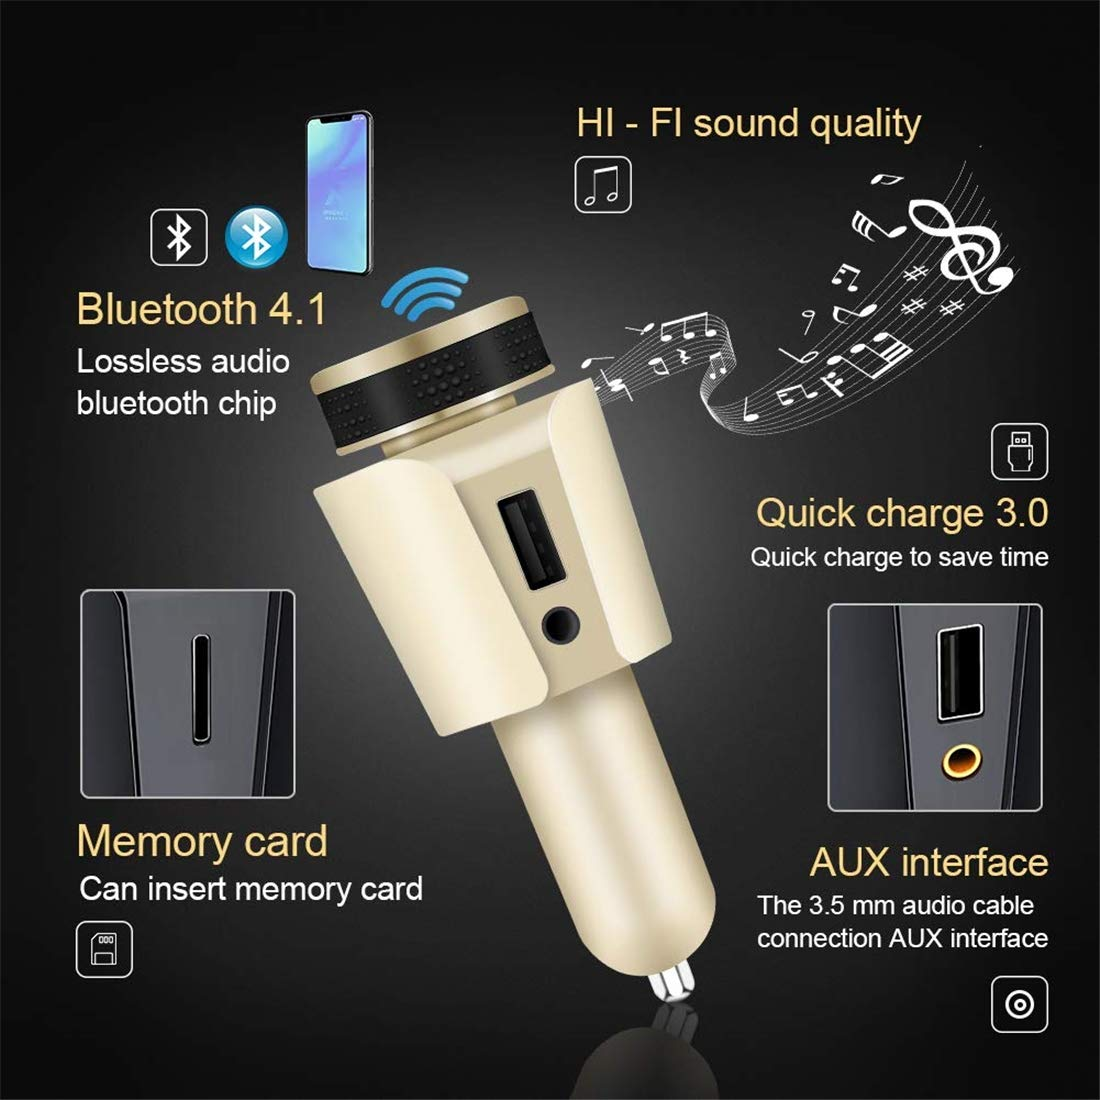 Sans fil en voiture 4.1 Bluetooth Transmetteur FM r/écepteur Kit//QC3.0 Adaptateur Radio//main-libre Haut-parleur//HI-FI Lecteur audio TF de soutien//SD AUX Voltm/ètre//USB Chargeur allume-cigare